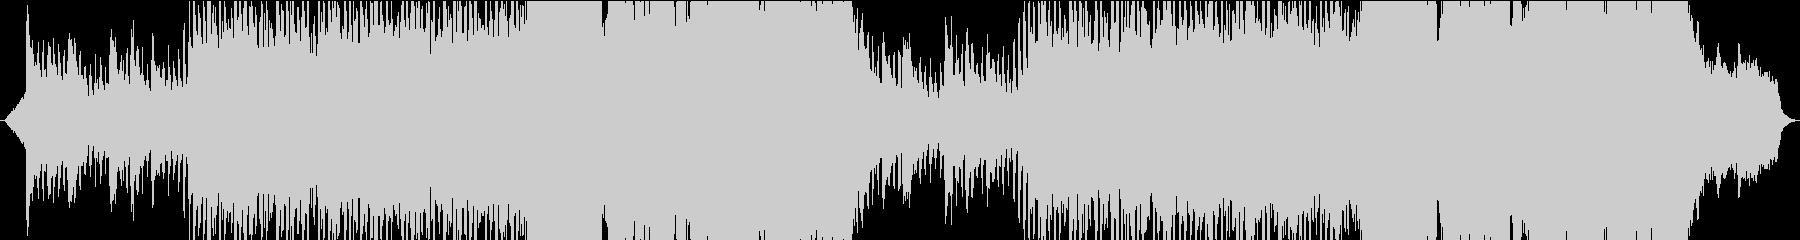 現代的 交響曲 Hip-hop 広...の未再生の波形